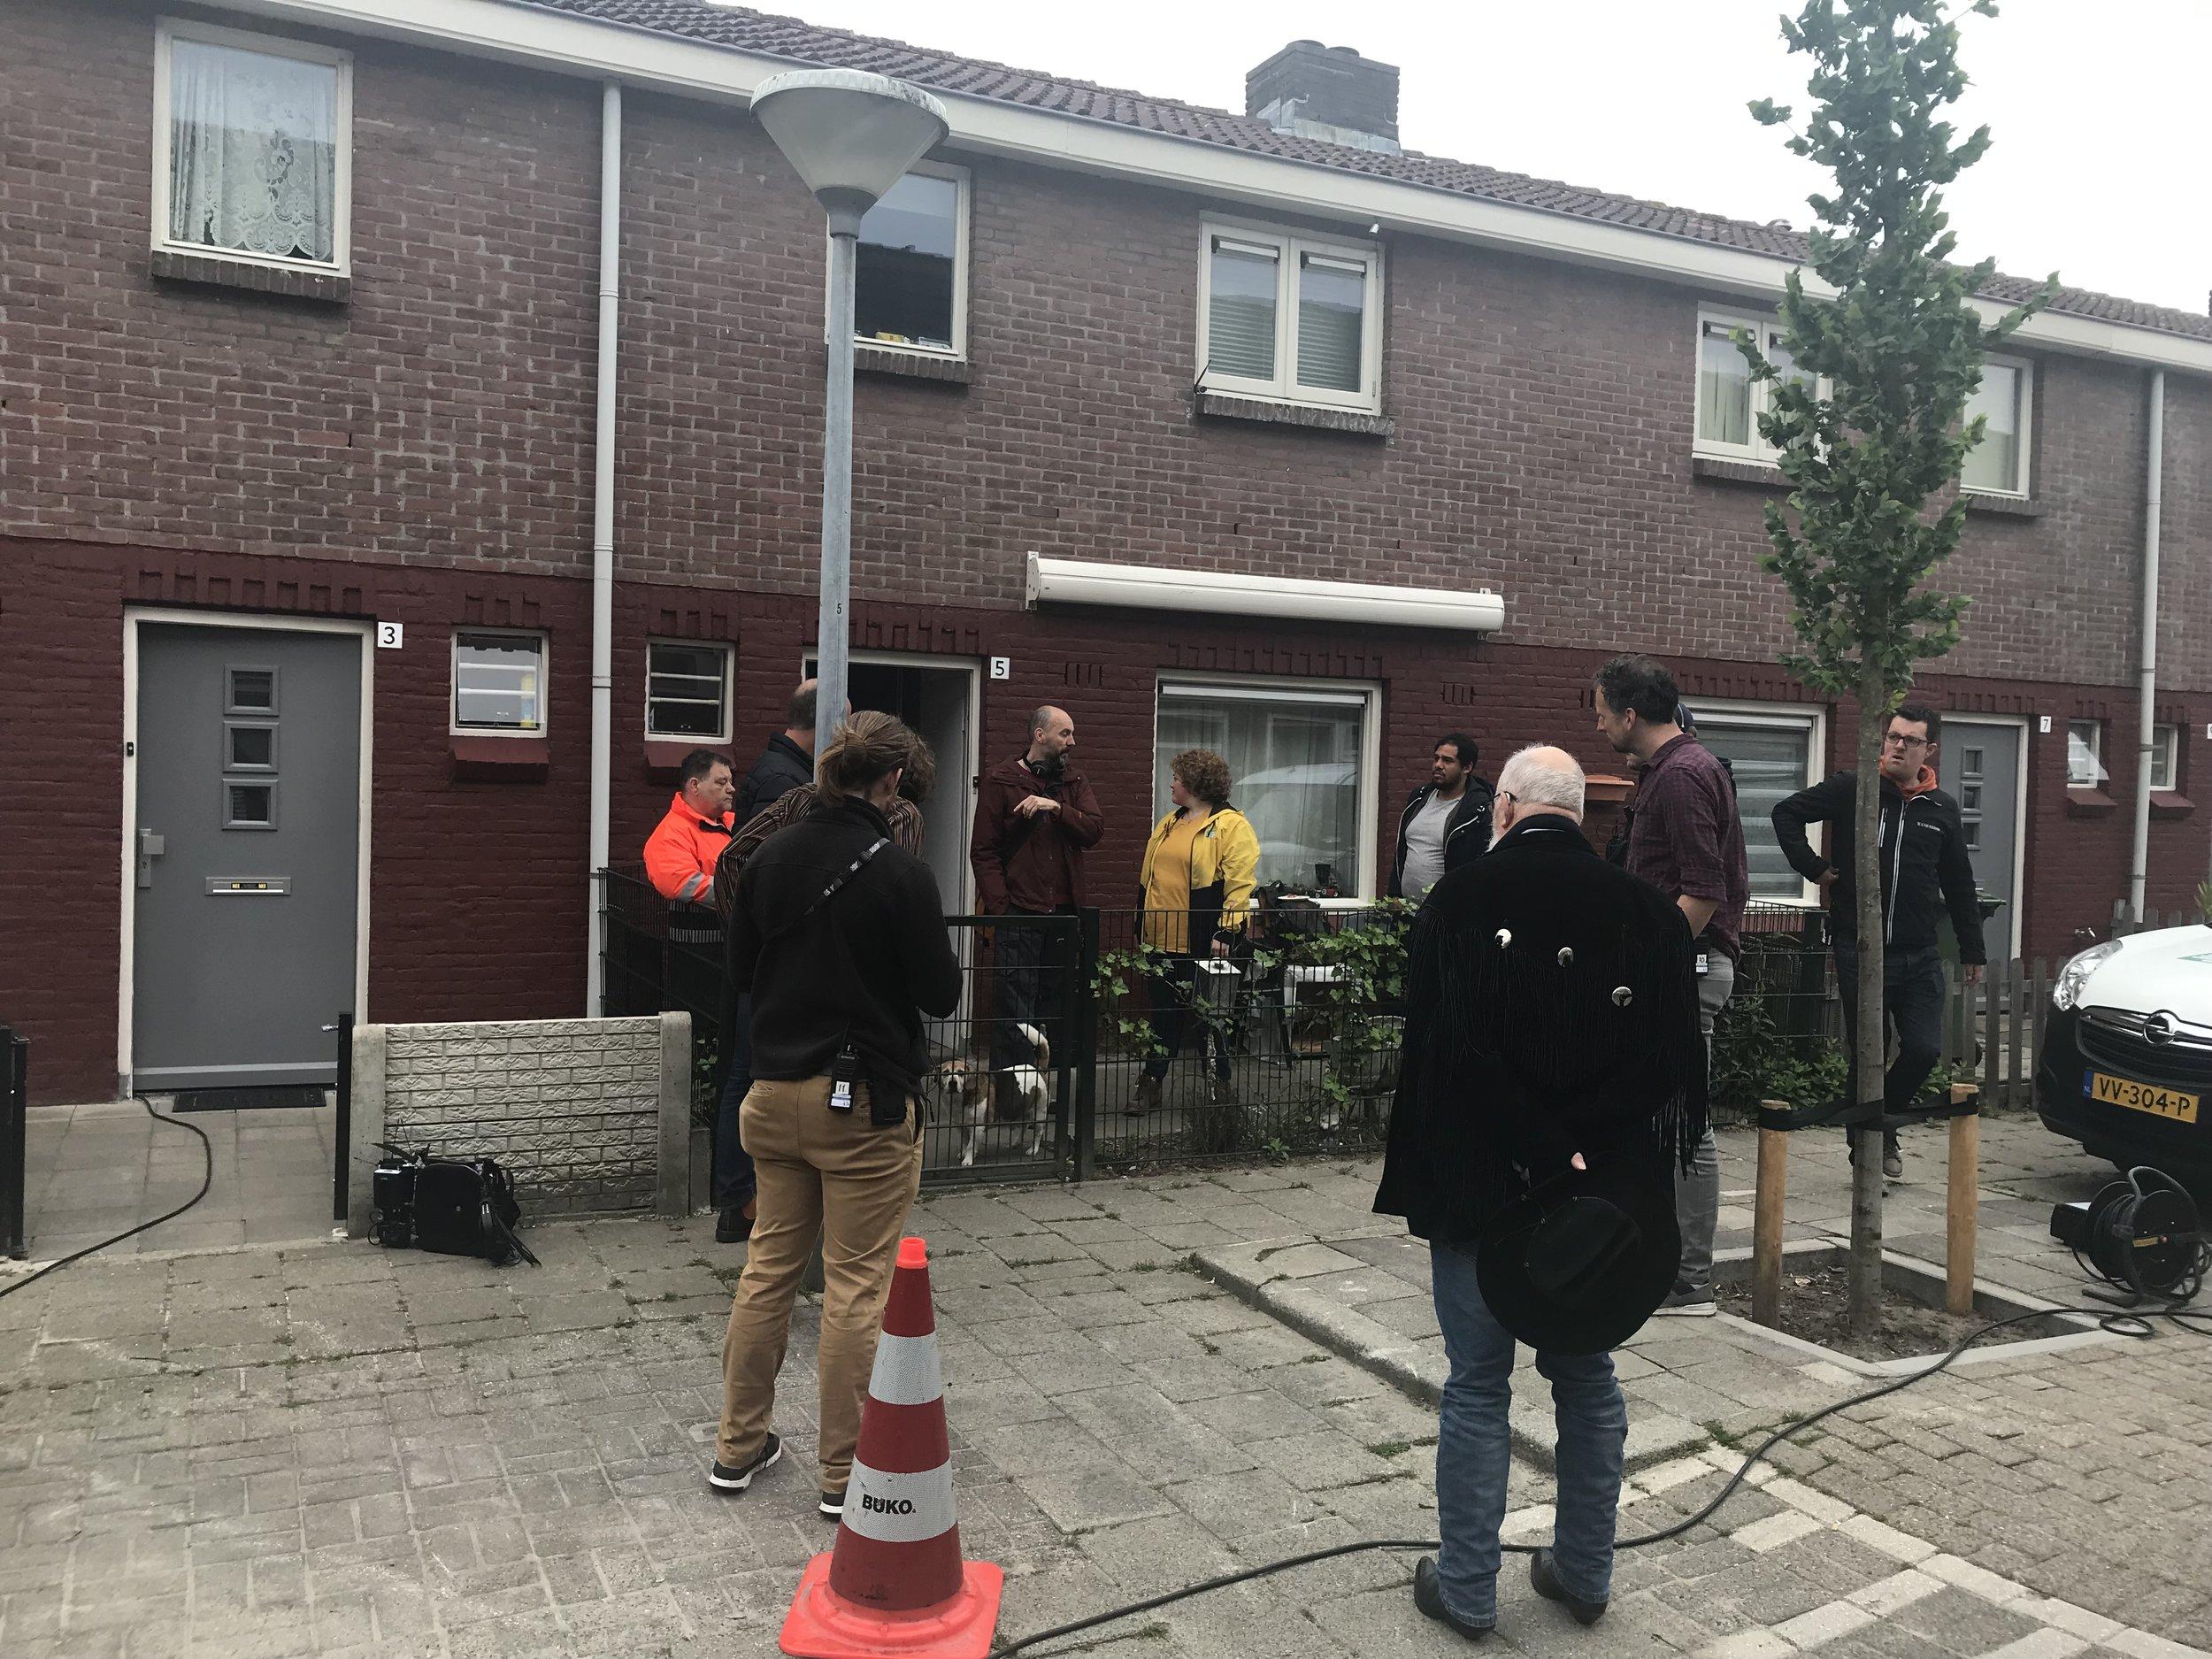 Opnames Hemelrijken begonnen! - Van 30 april tot 29 mei vinden in Eindhoven - onder meer in Oud-Woensel - de opnames plaats van de telefilm 'Hemelrijken'. Jennifer Welts en Esmee van Kampen spelen de hoofdrollen in de thriller van regisseur Stanley Kolk. Het scenario is geschreven door Chris Westendorp. De film wordt gemaakt in het kader van Telefilm in co productie met de EO.